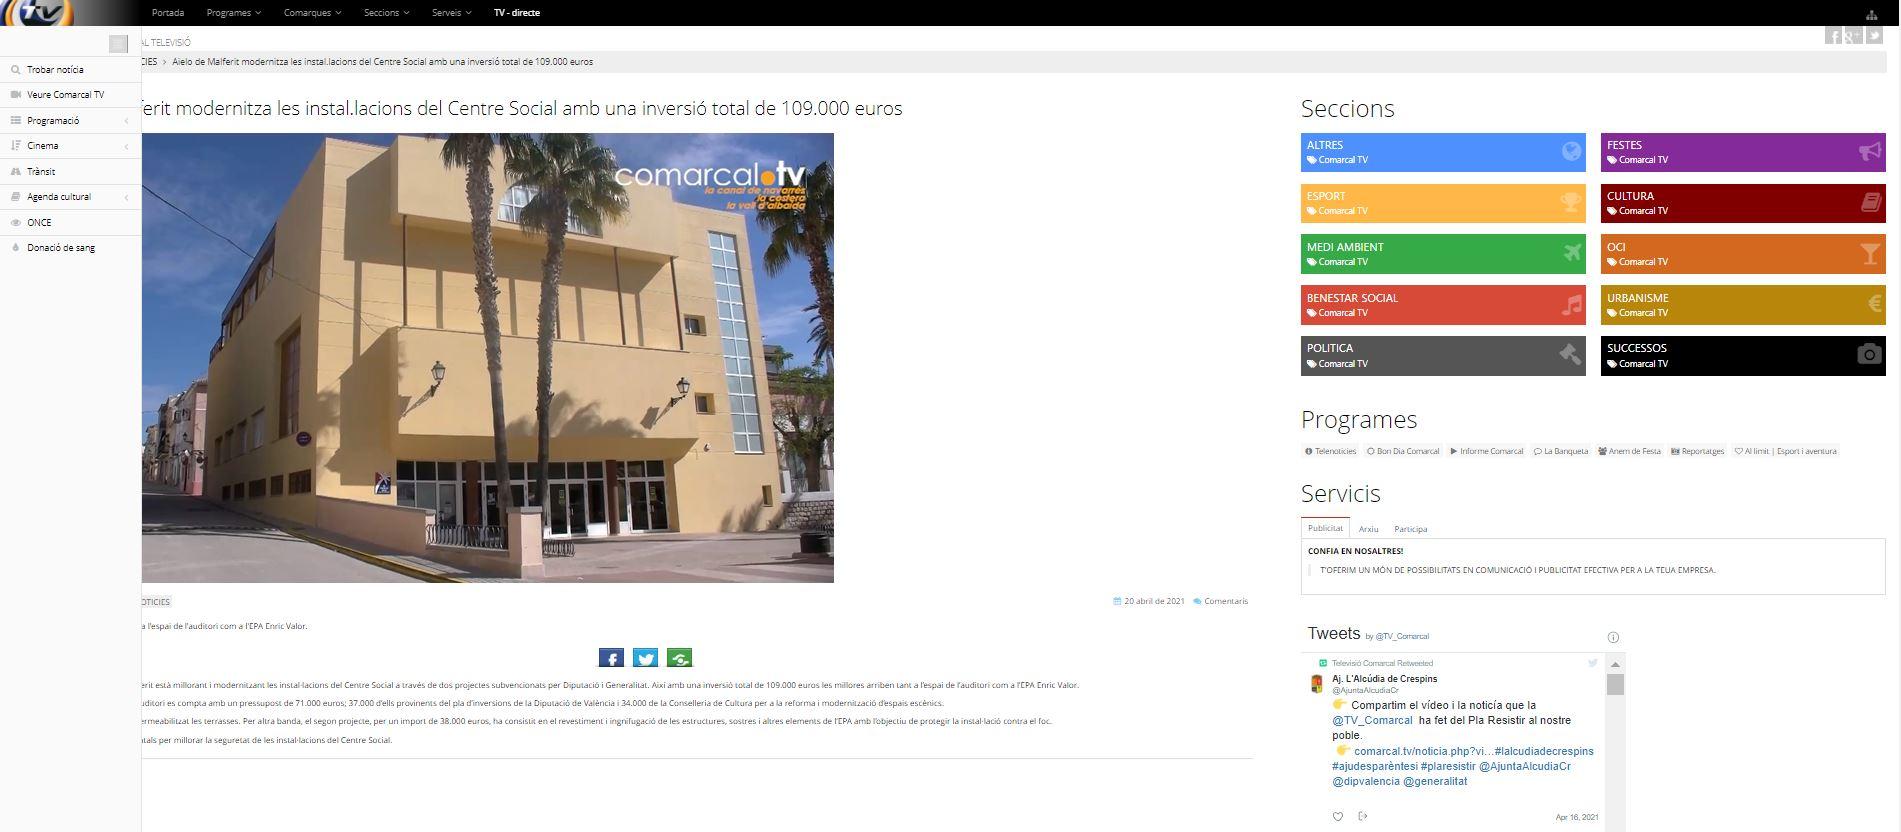 COMARCAL TV: Aielo de Malferit modernitza les instal.lacions del Centre Social amb una inversió total de 109.000 euros